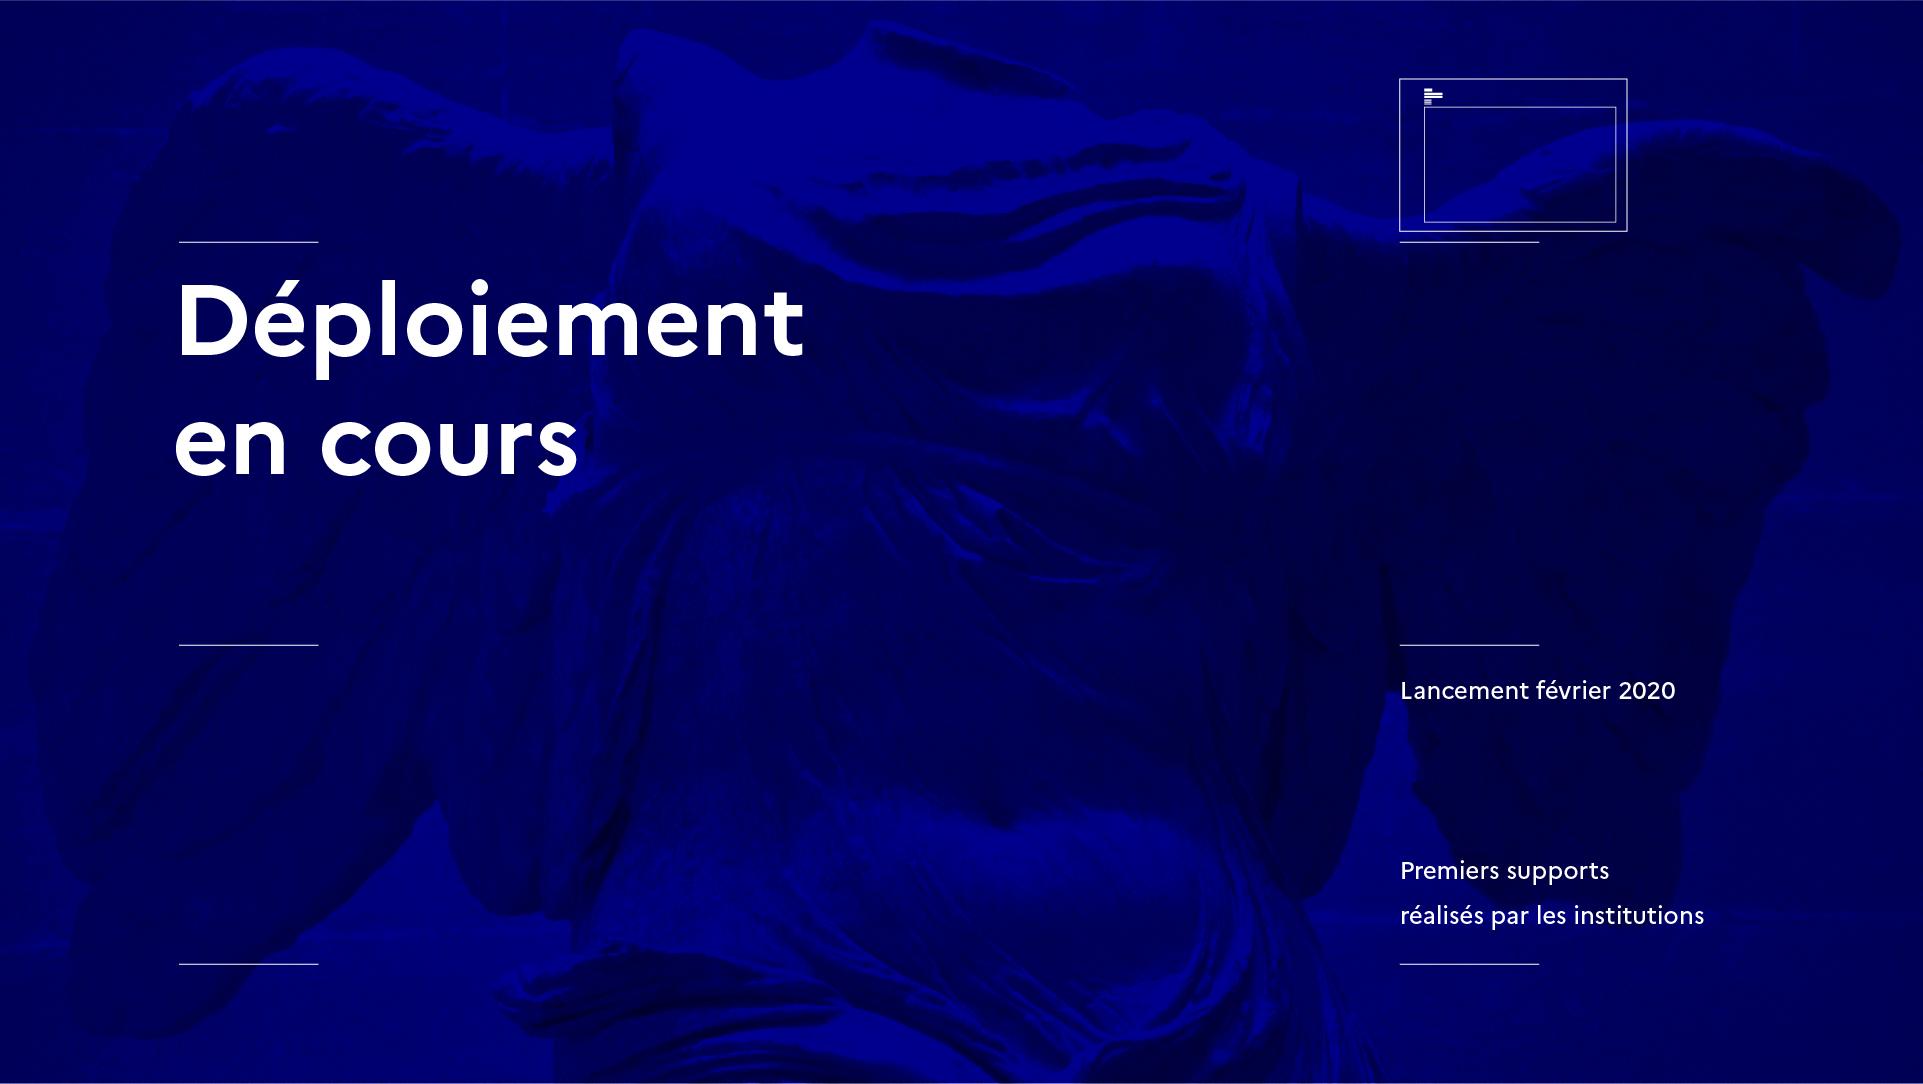 Déploiement_en_cours